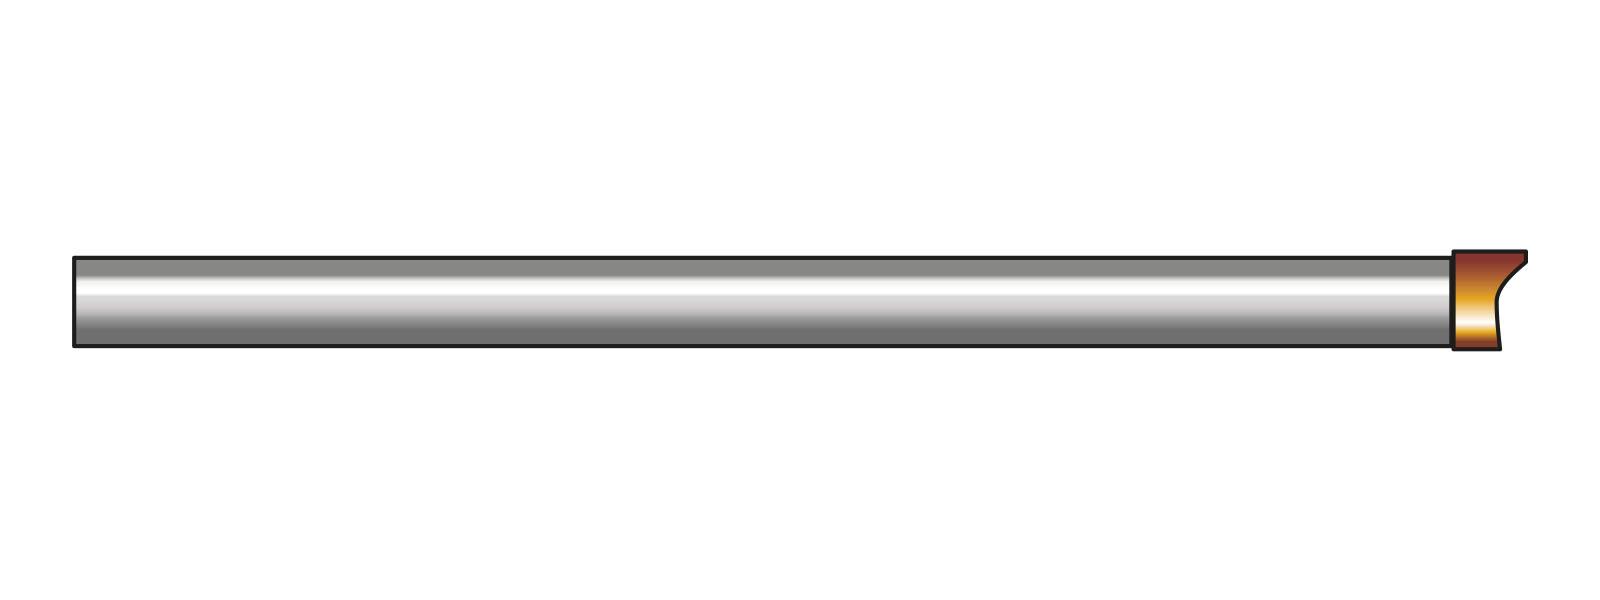 VOGT Strahlrohr grade, reduziert - Zubehör zu Vogt Luftlanze für kleine Kompressoren bis 2,35 m³/min